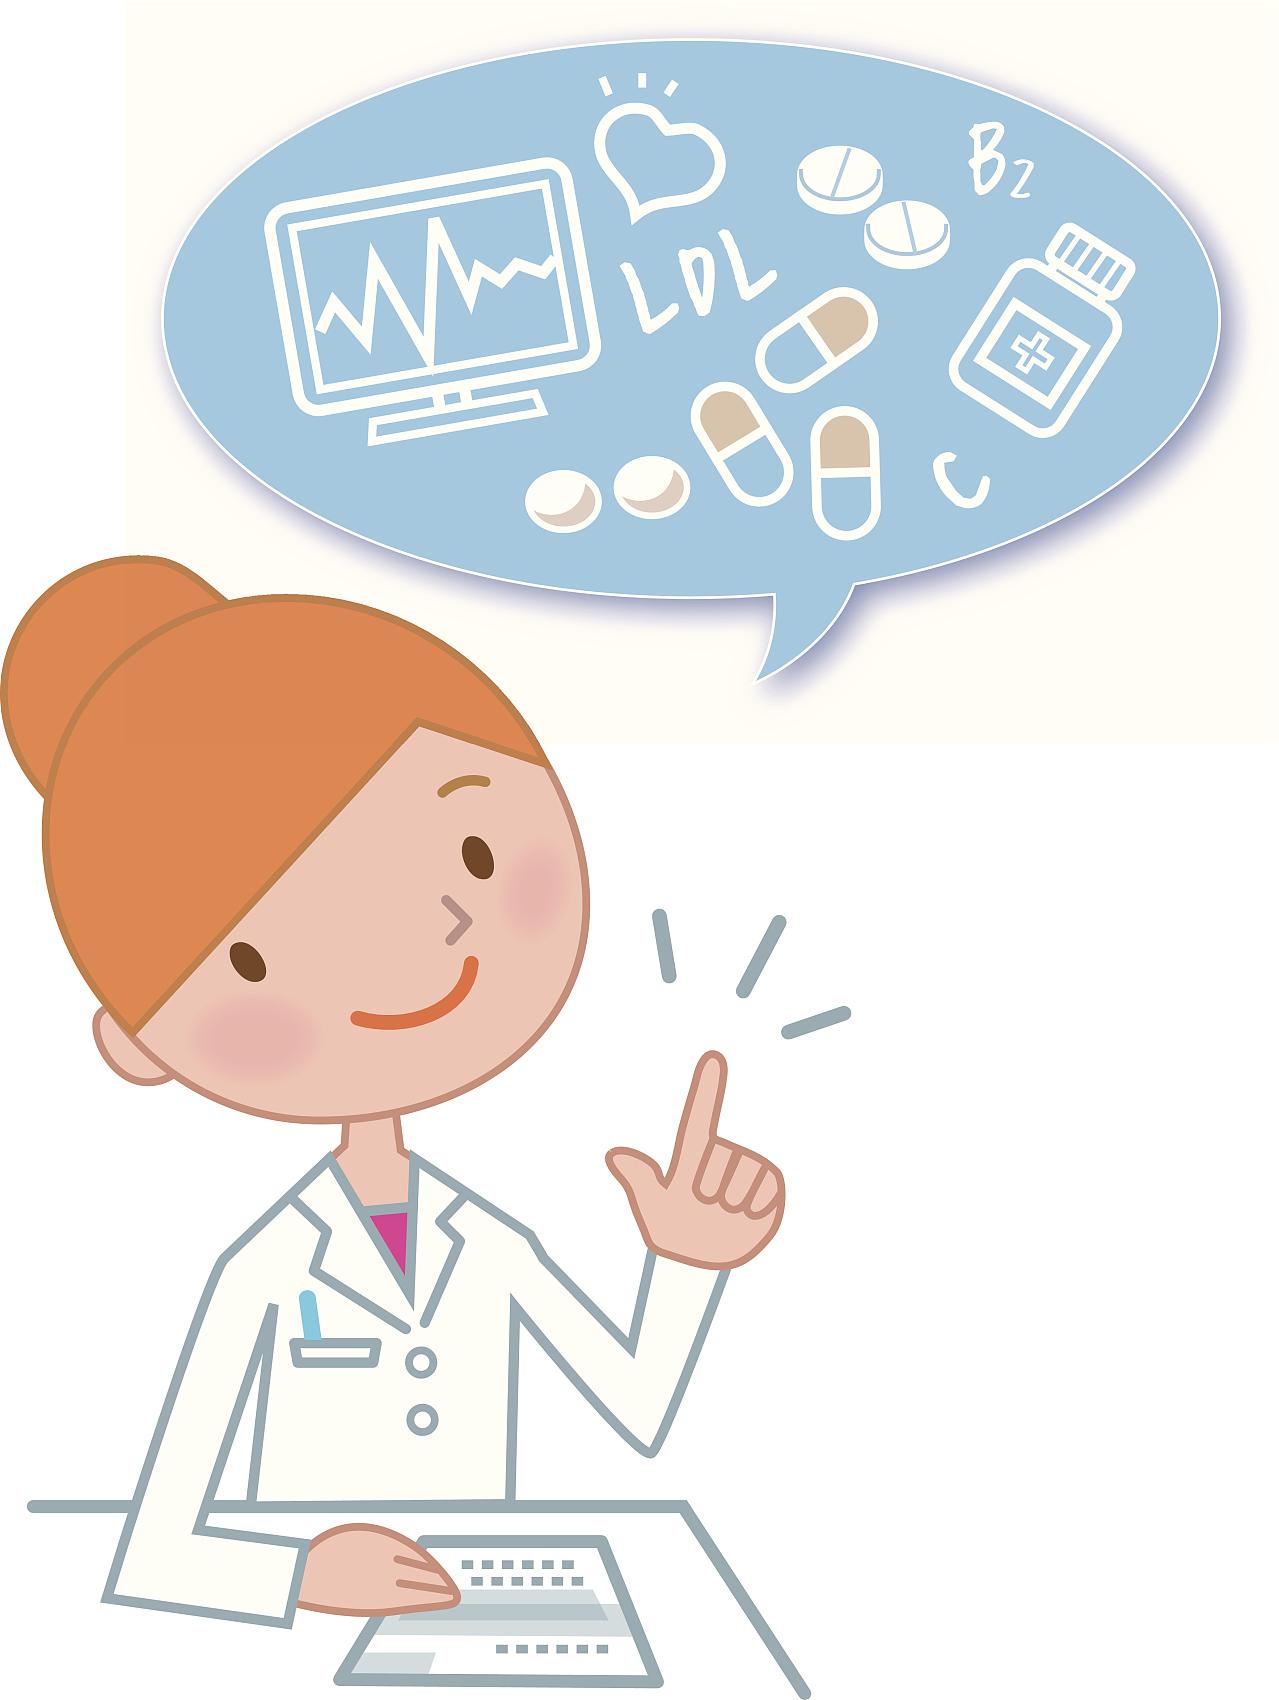 白癜风对患者的影响有哪几个方面?